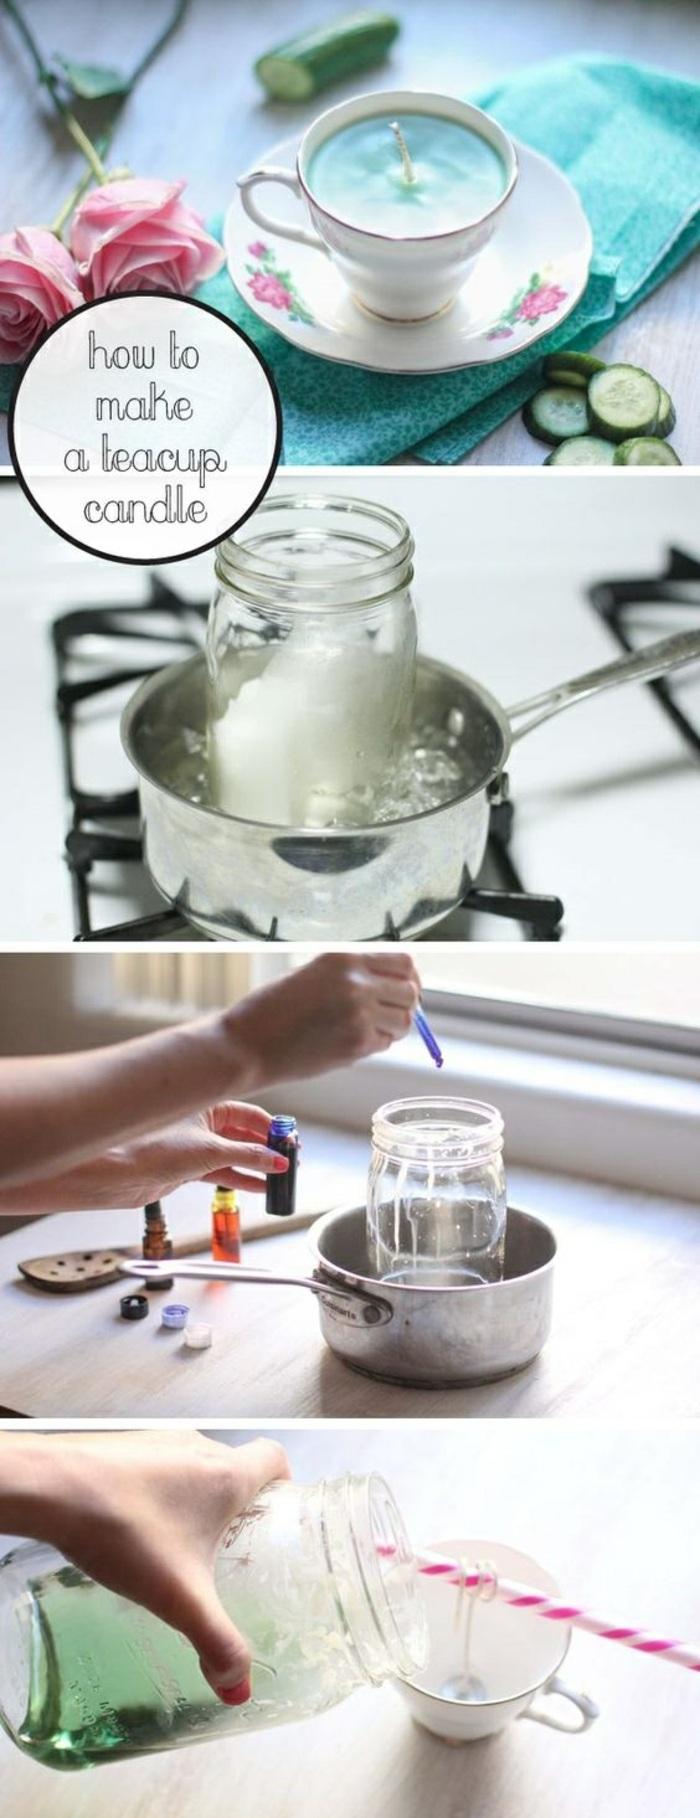 Candele fai da te, sciogliere la cera e aggiungere dei coloranti, versare in tazzine da tè come portacandele